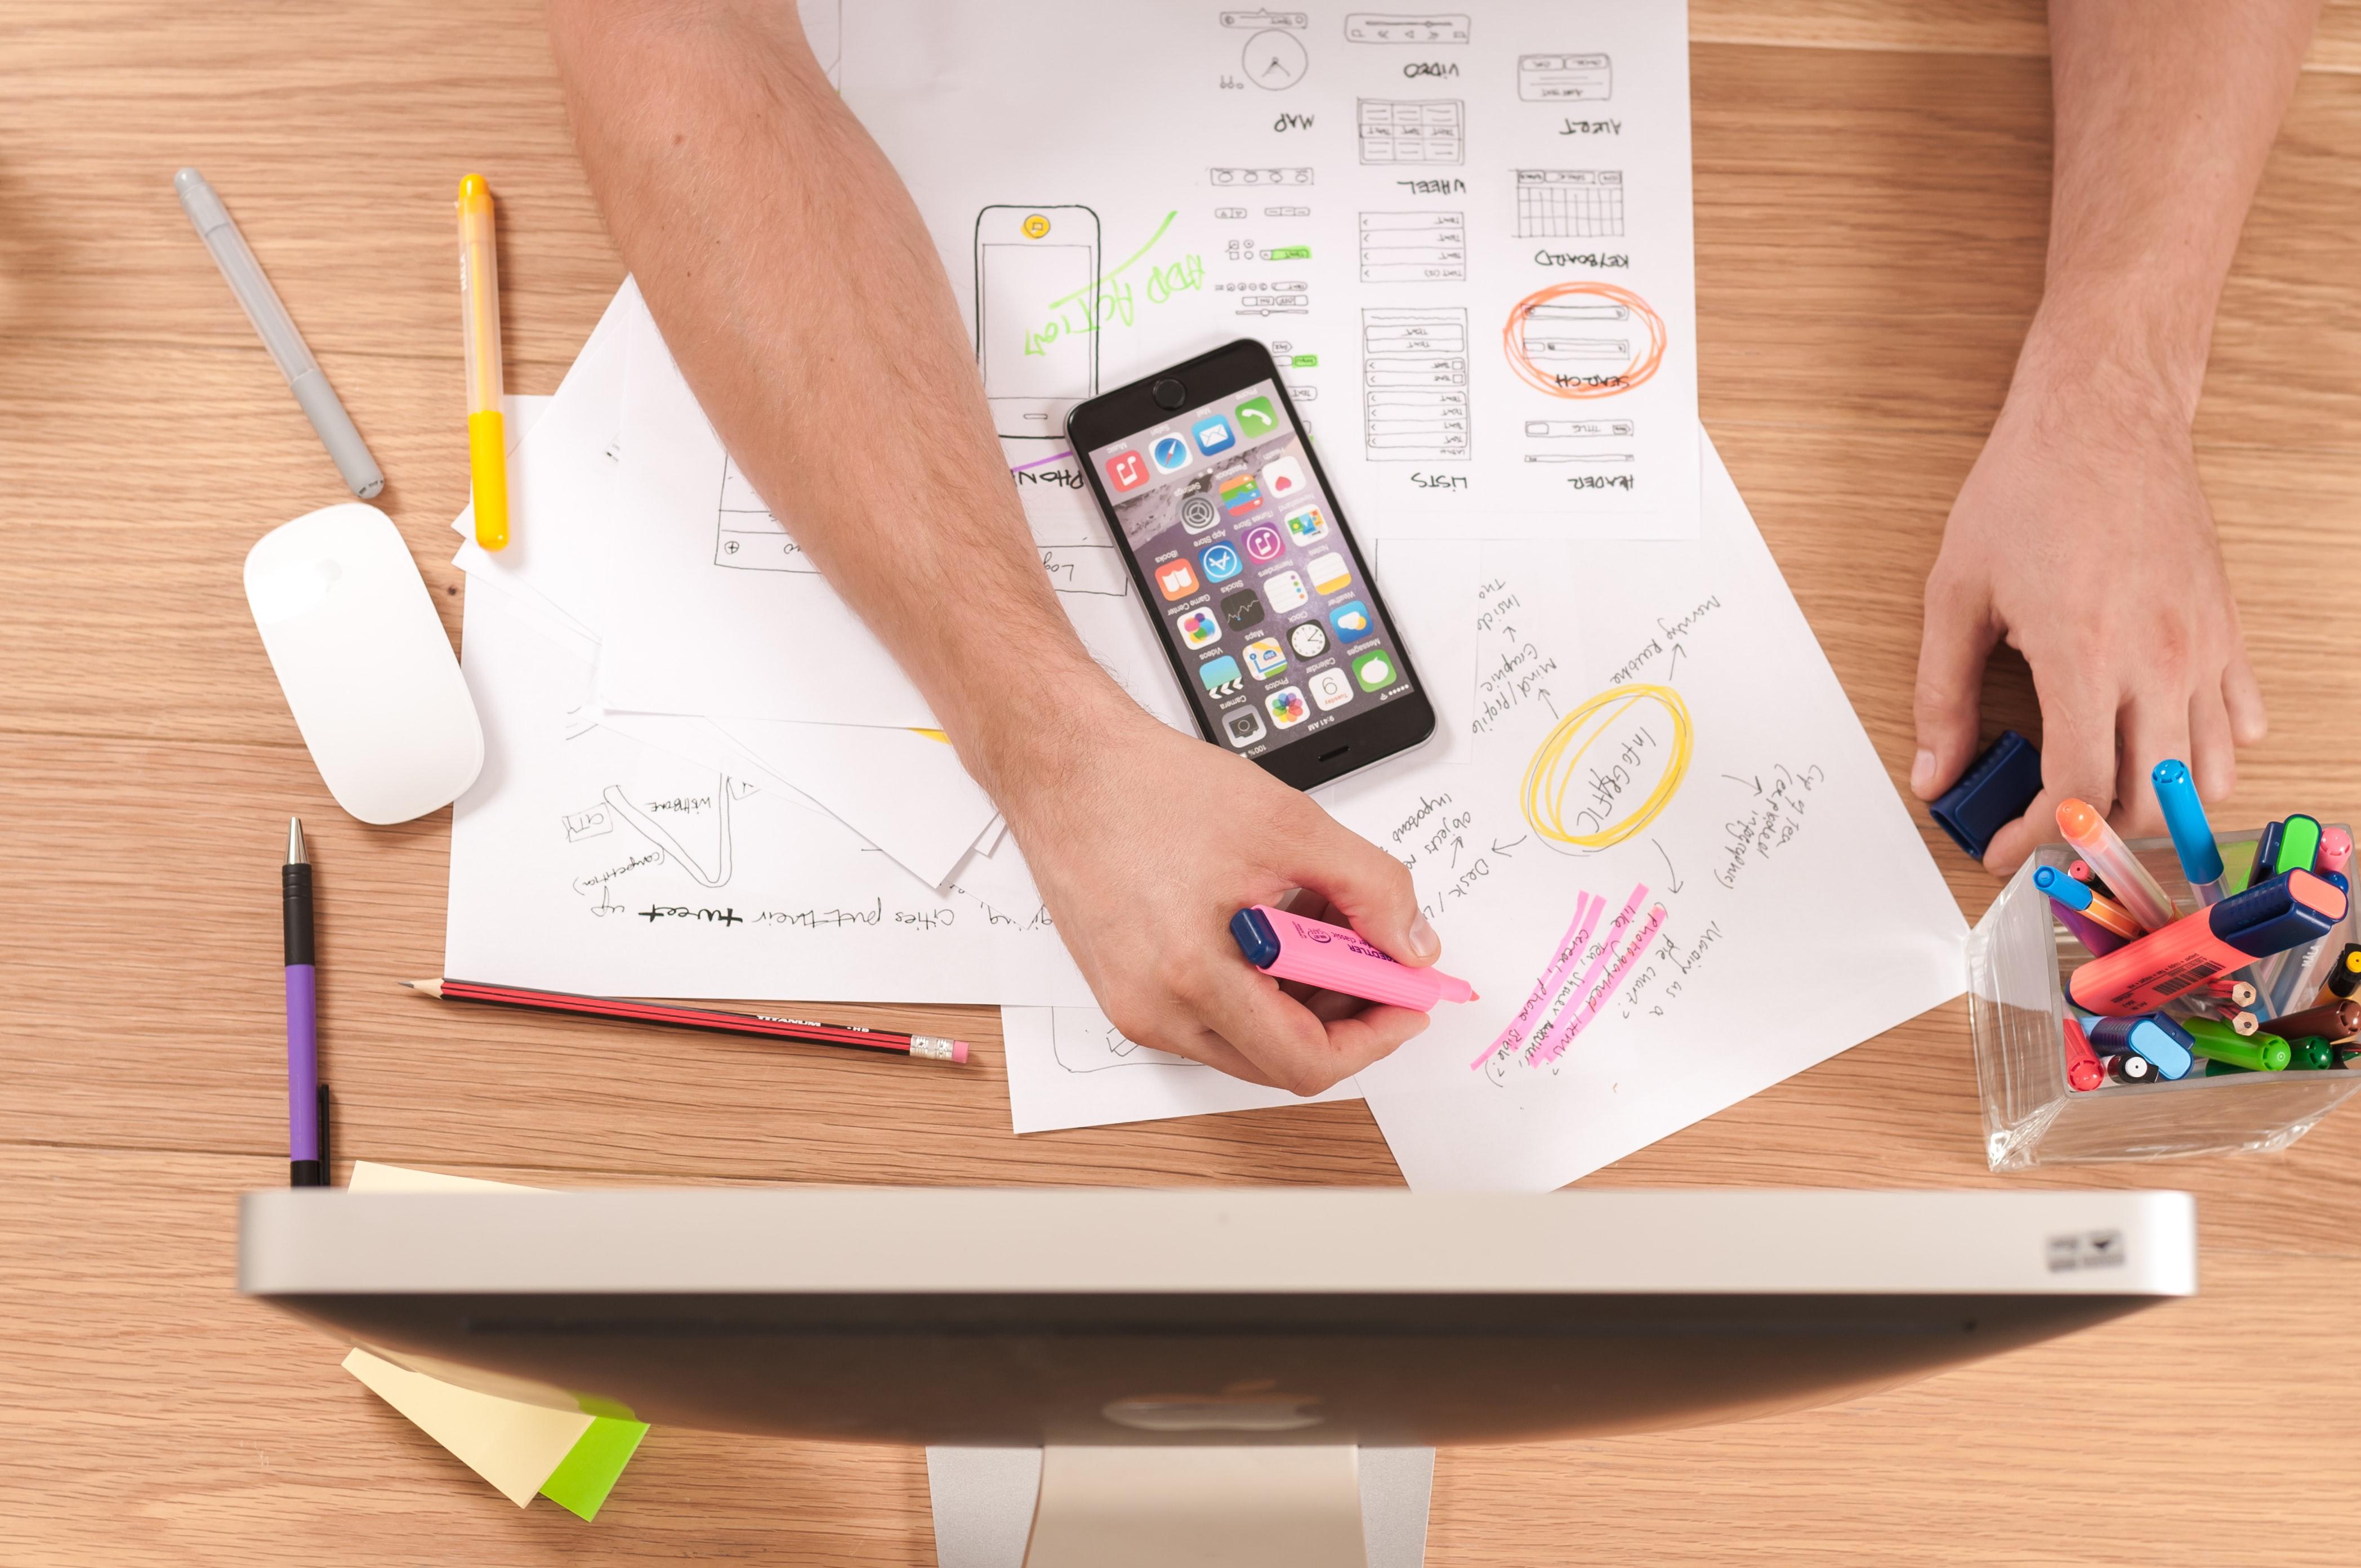 ideas de emprendimiento estrategia de marketing